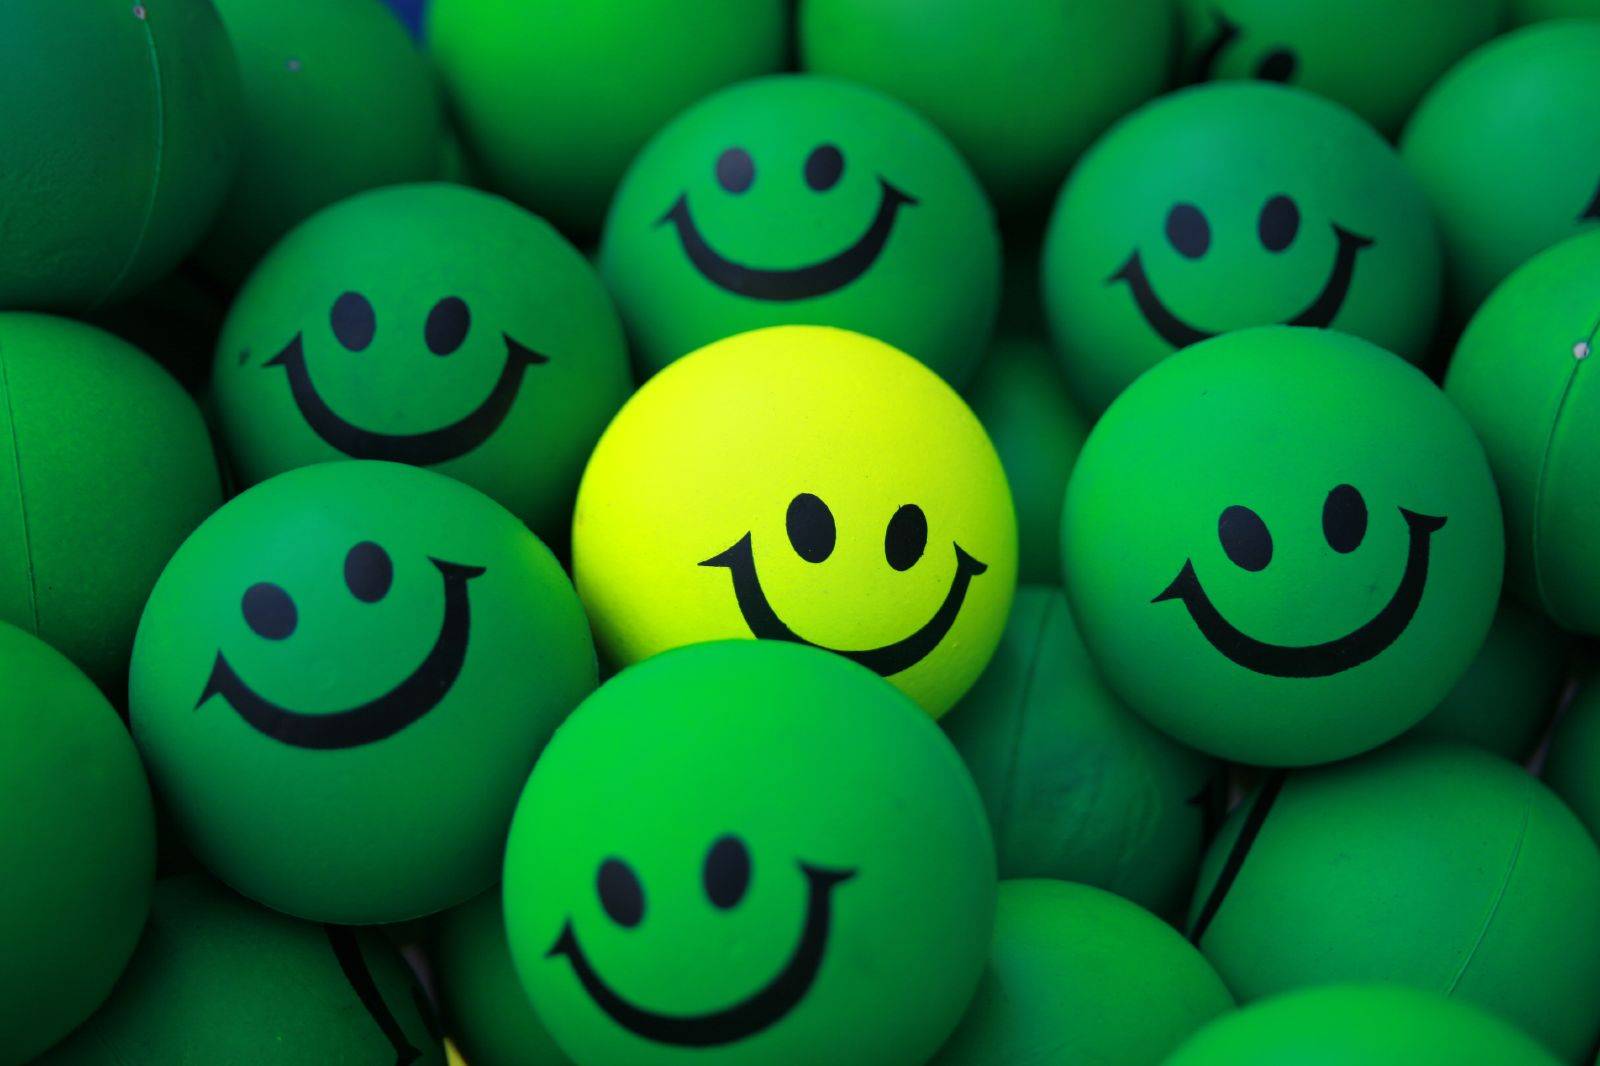 patrz ludziomw oczy i usmiechaj sie do ludzi - nasza droga do - Blysk - Malcom Gladwell